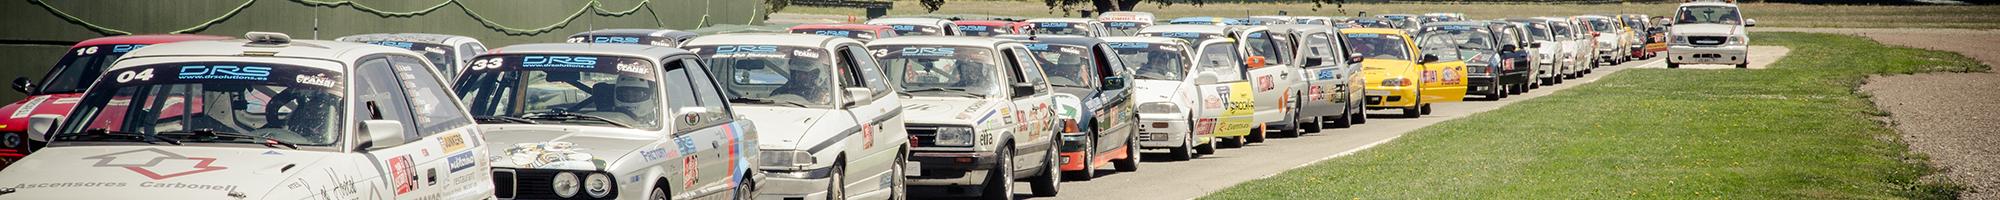 FANSI Motorsport